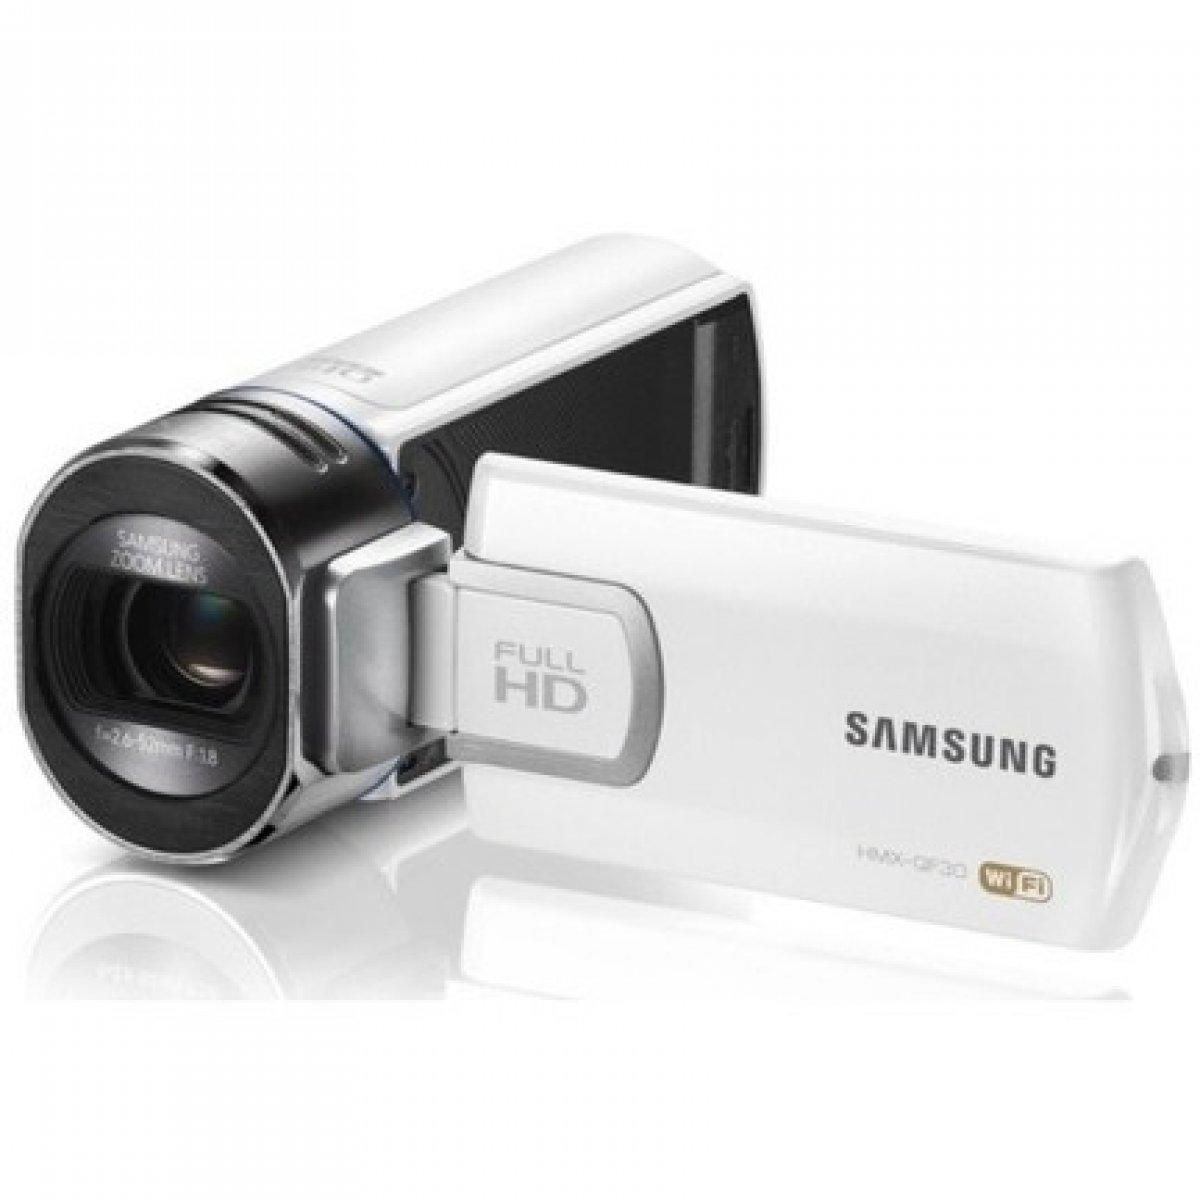 Pratik El Kamerası - Full HD (Günlük)